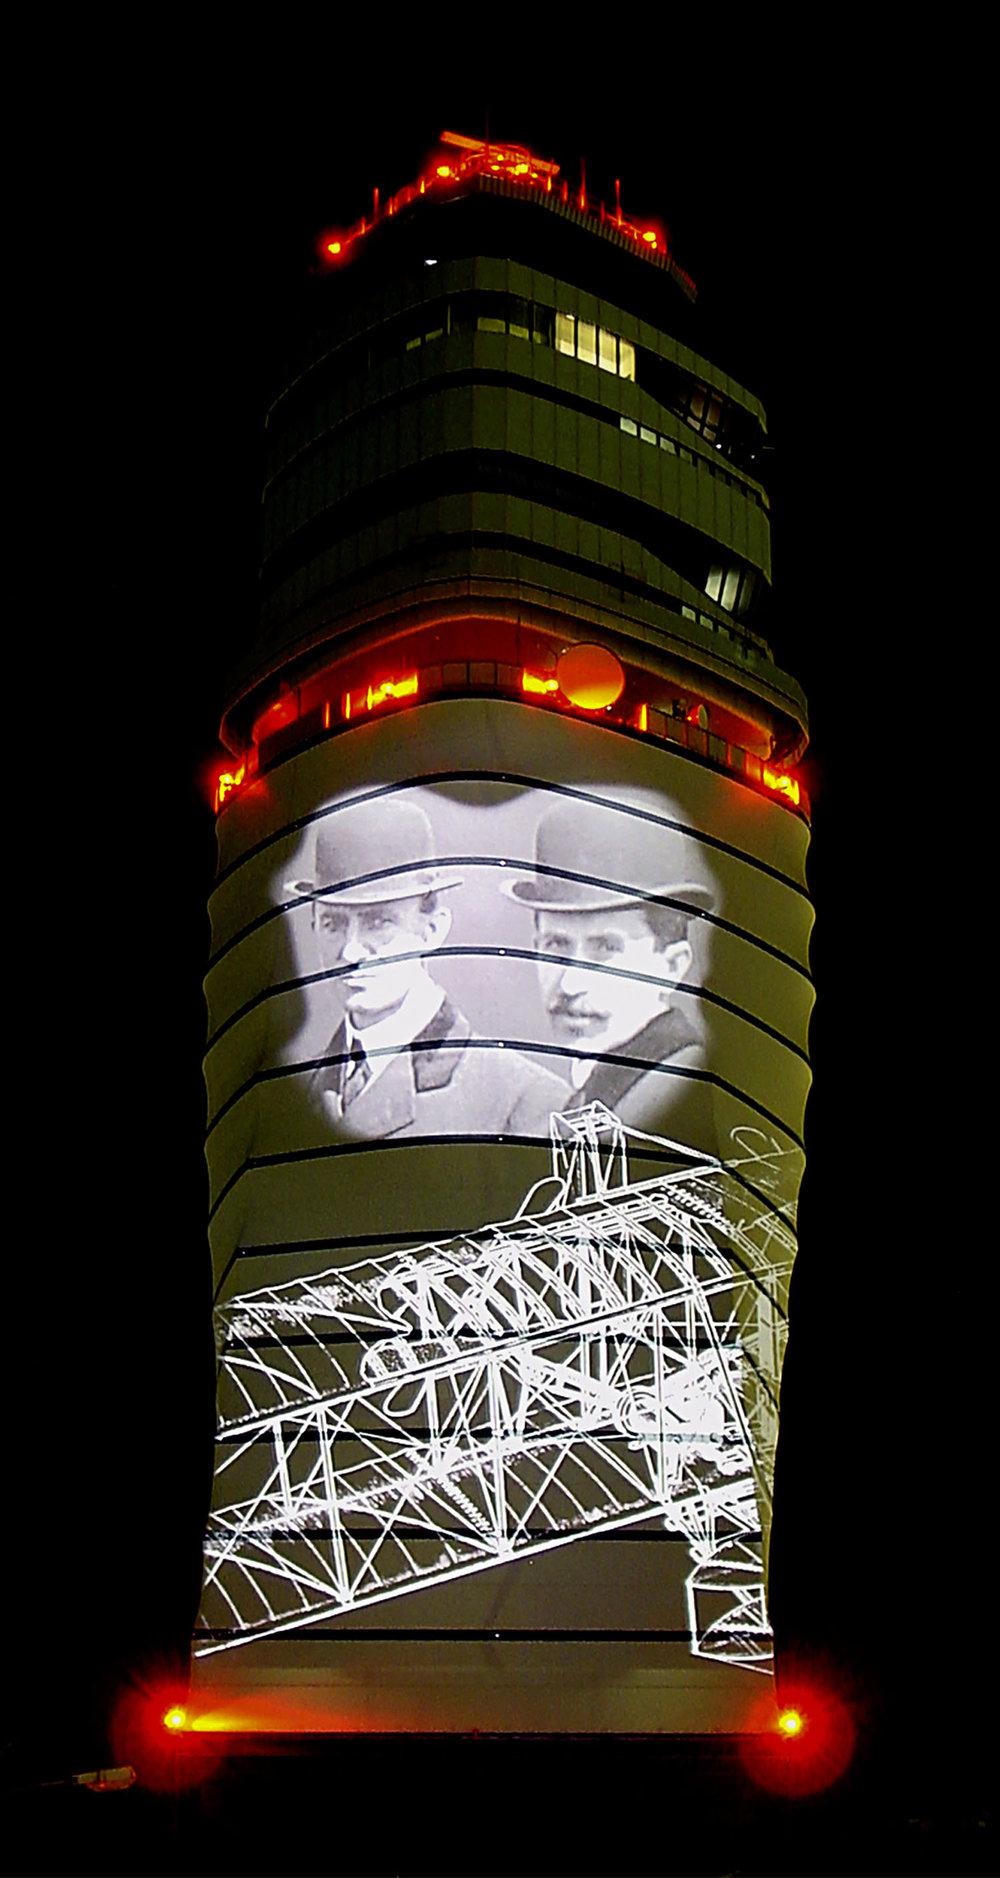 ControlTowerFlughafenWien_Eroeffnung2005_09.jpg